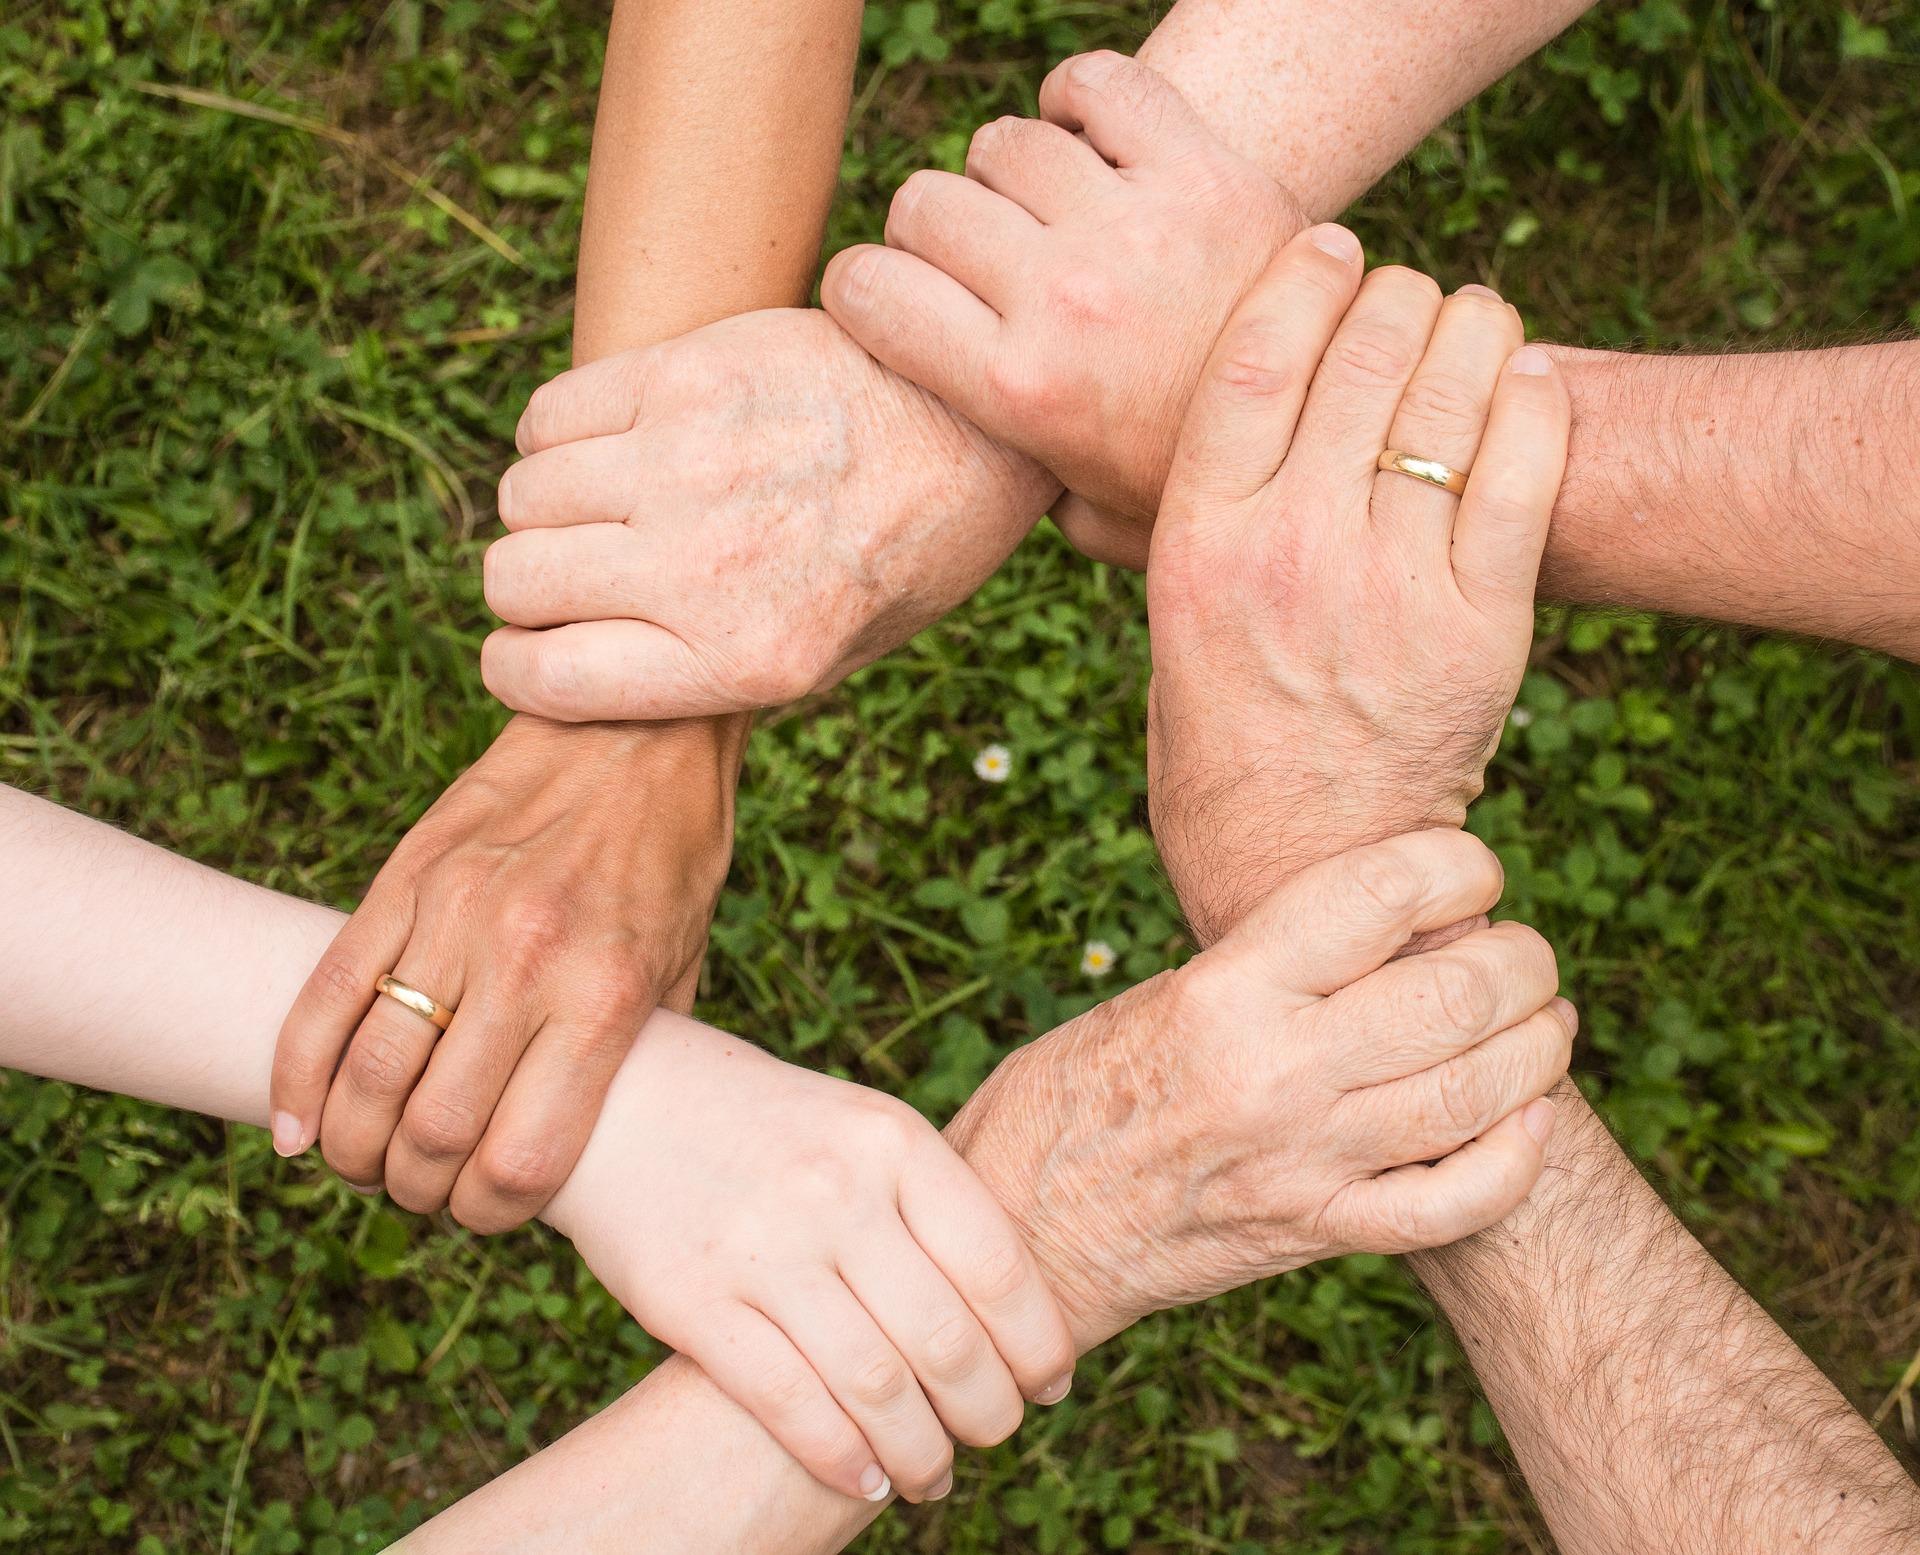 Hände, die sich umschließen und so ein Netz formen.